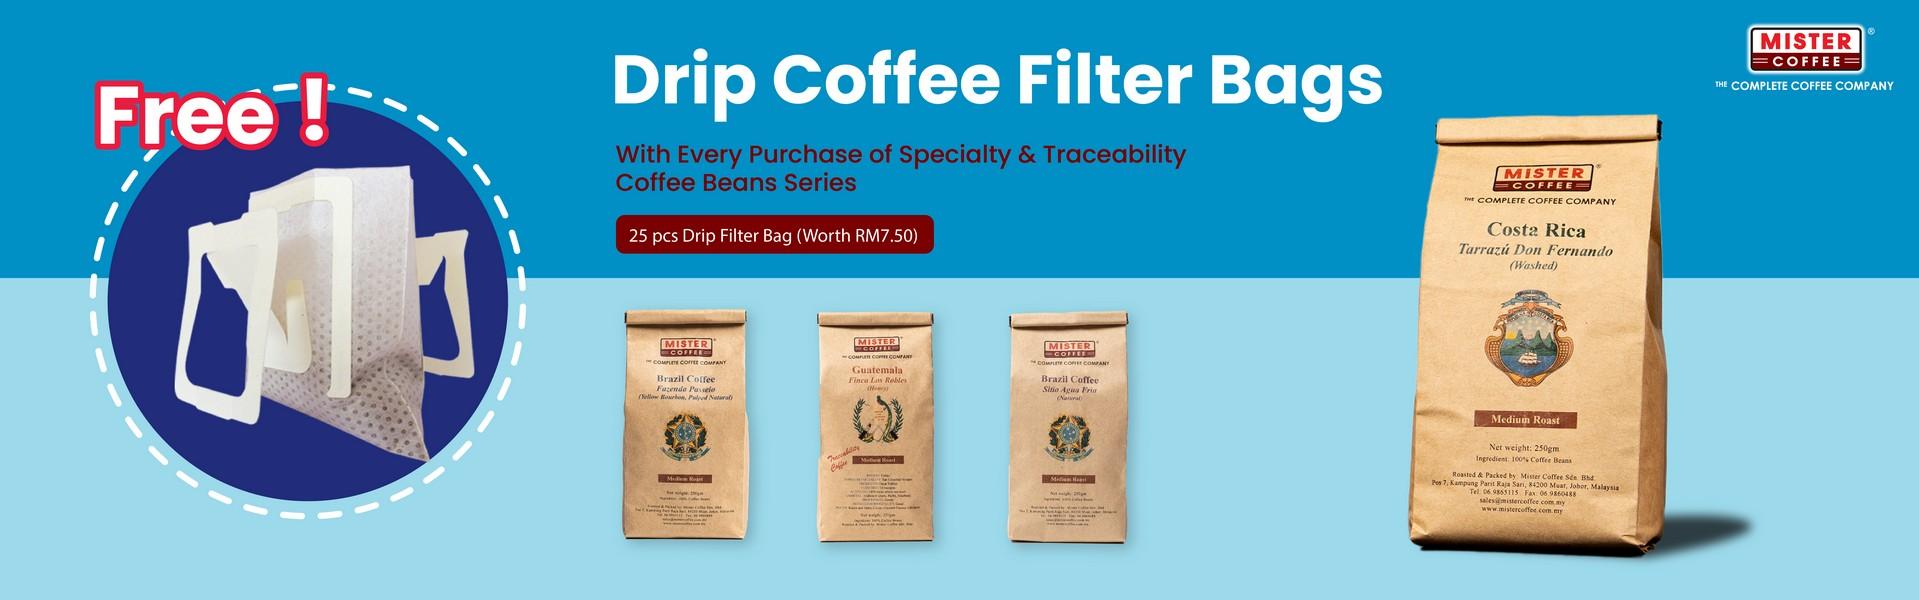 free drip bag r1-02-2